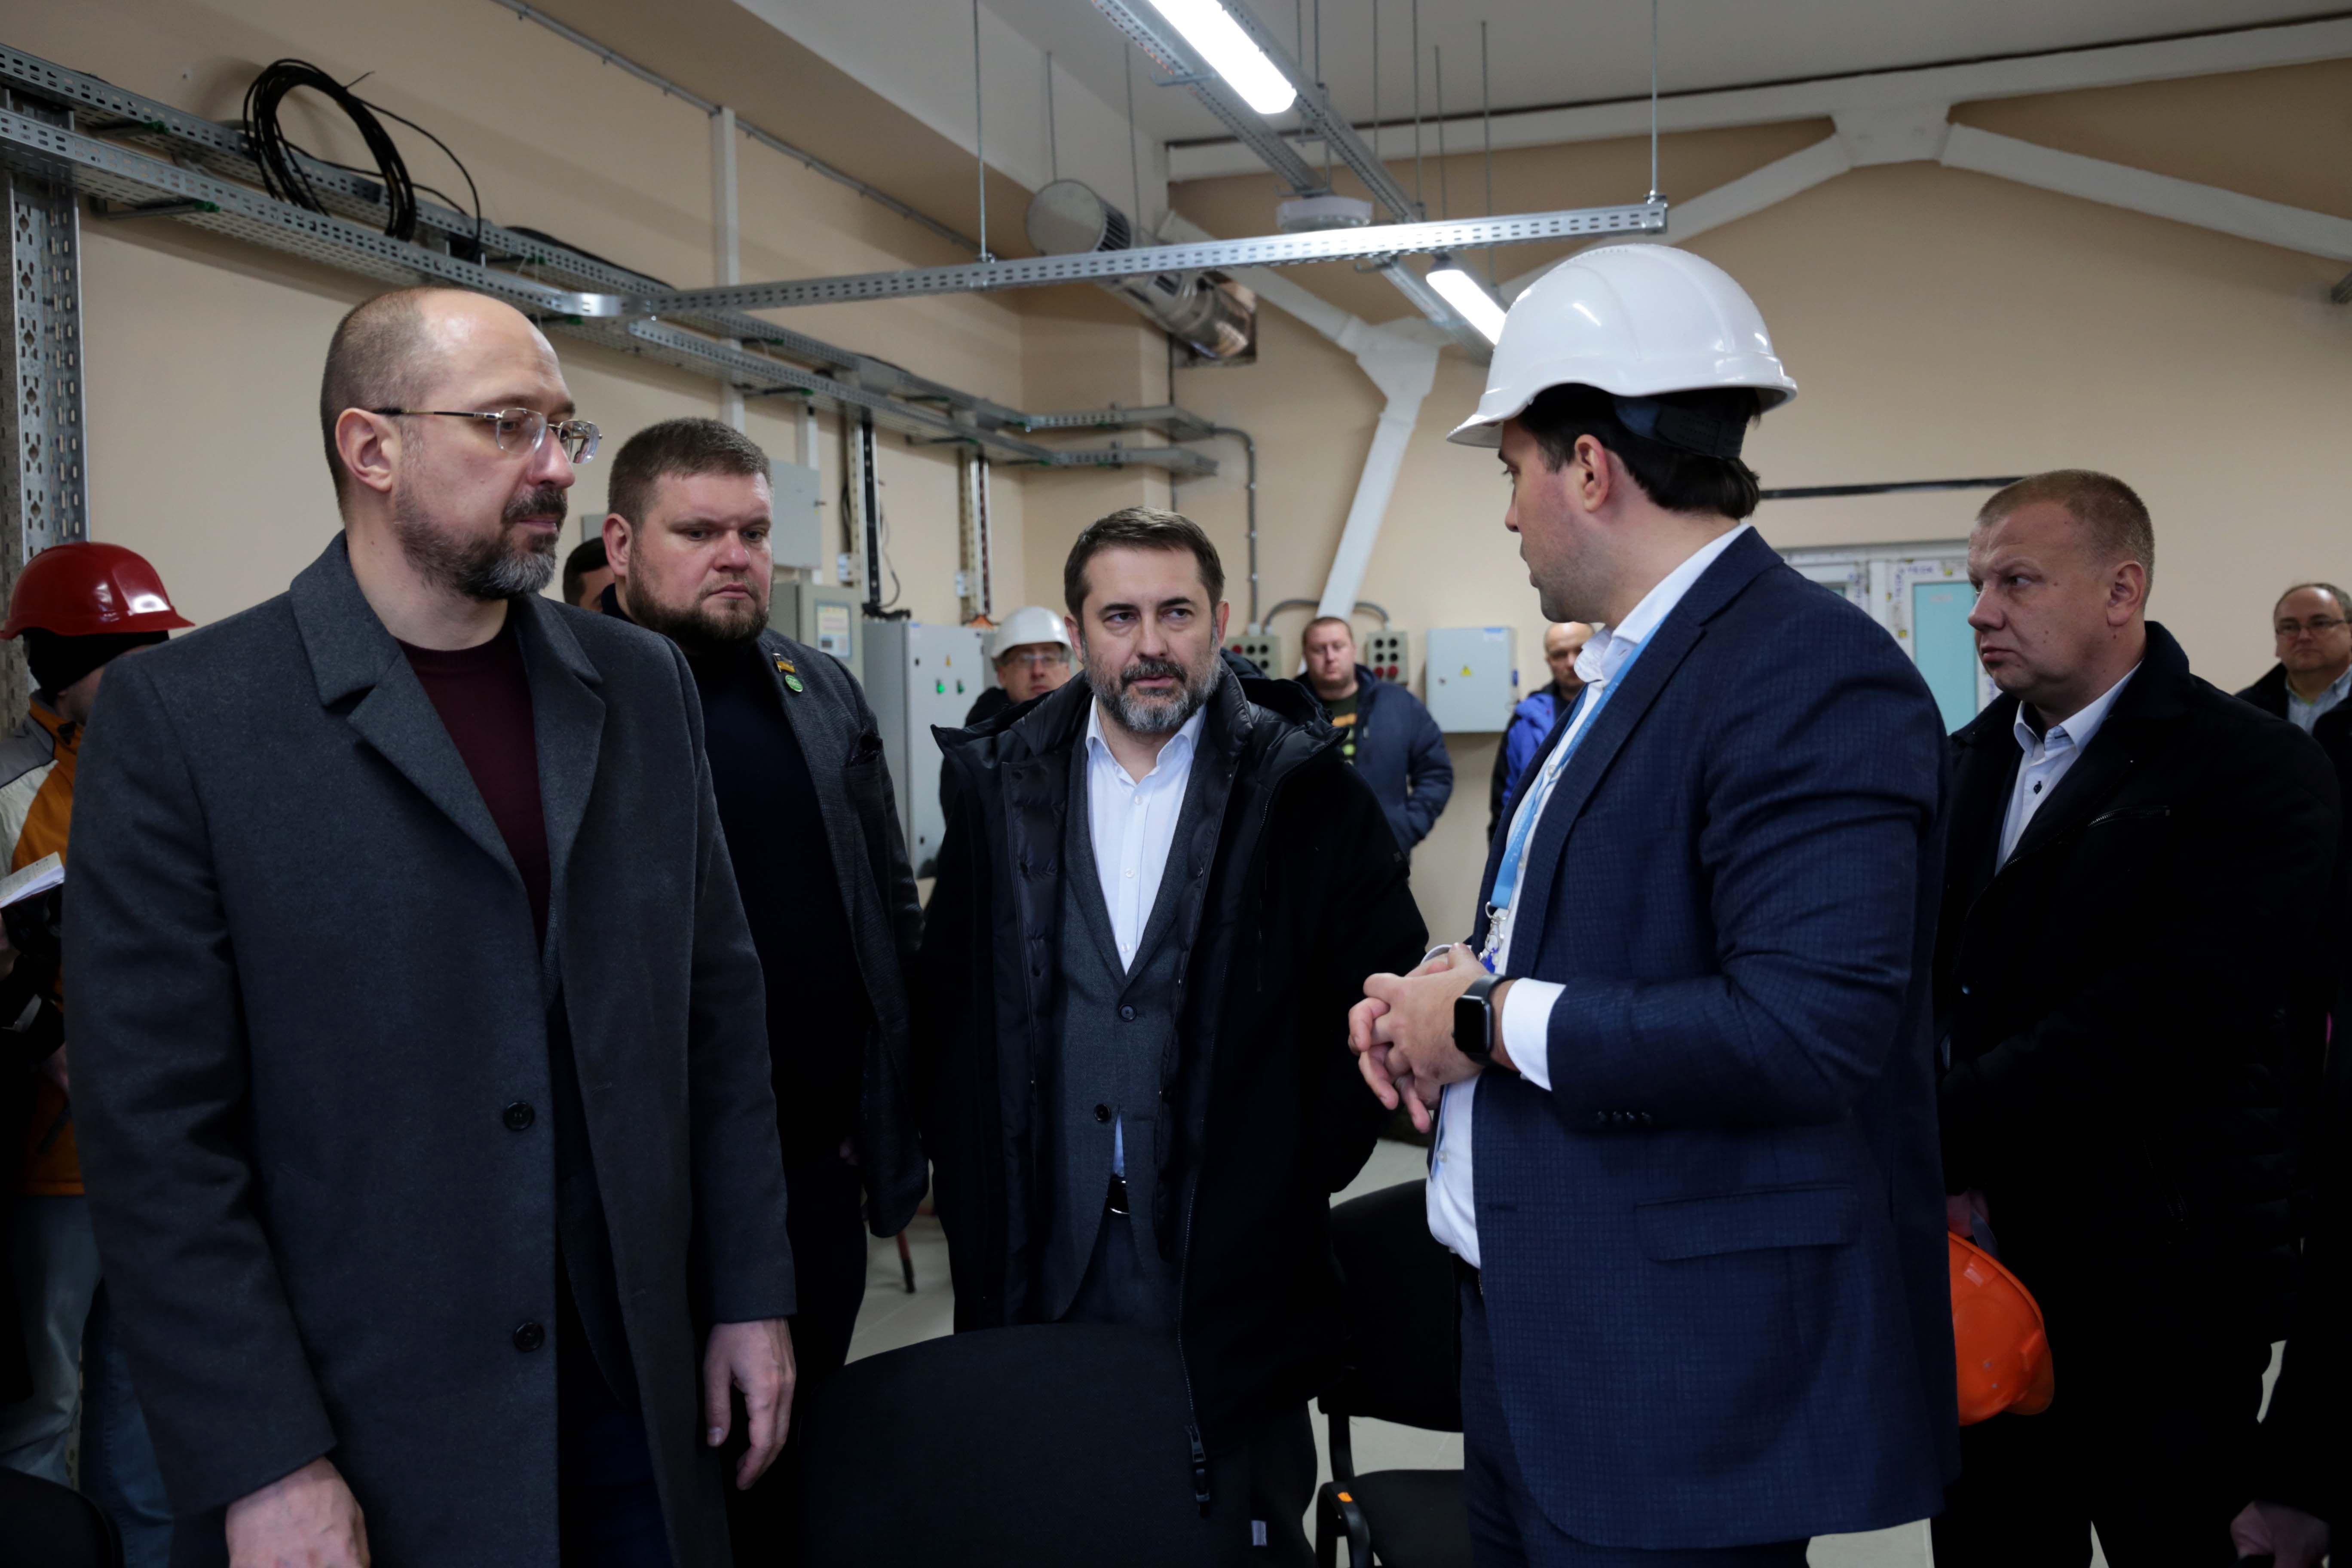 Закінчують спорудження потужної підстанції «Кремінська»